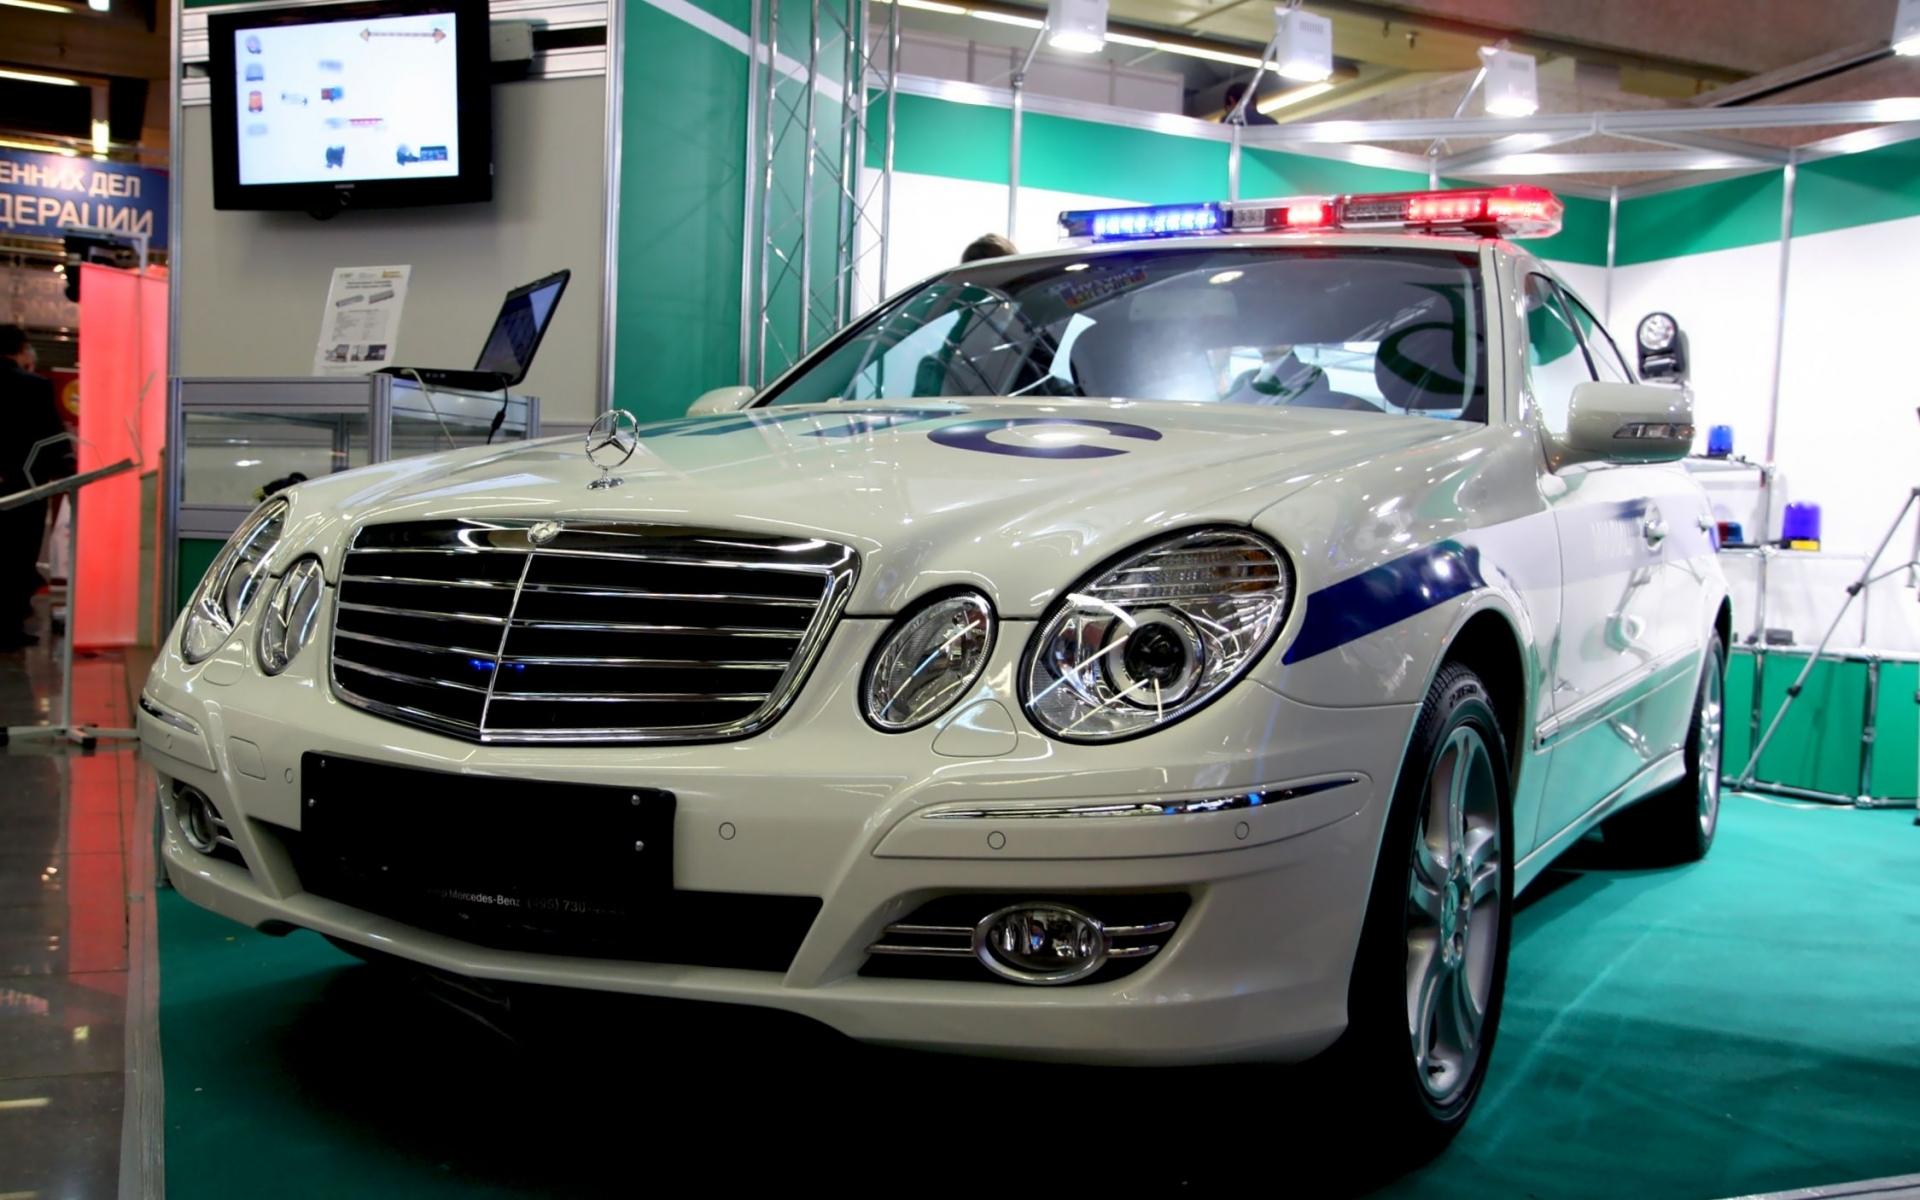 46563 скачать обои Транспорт, Машины, Мерседес (Mercedes) - заставки и картинки бесплатно